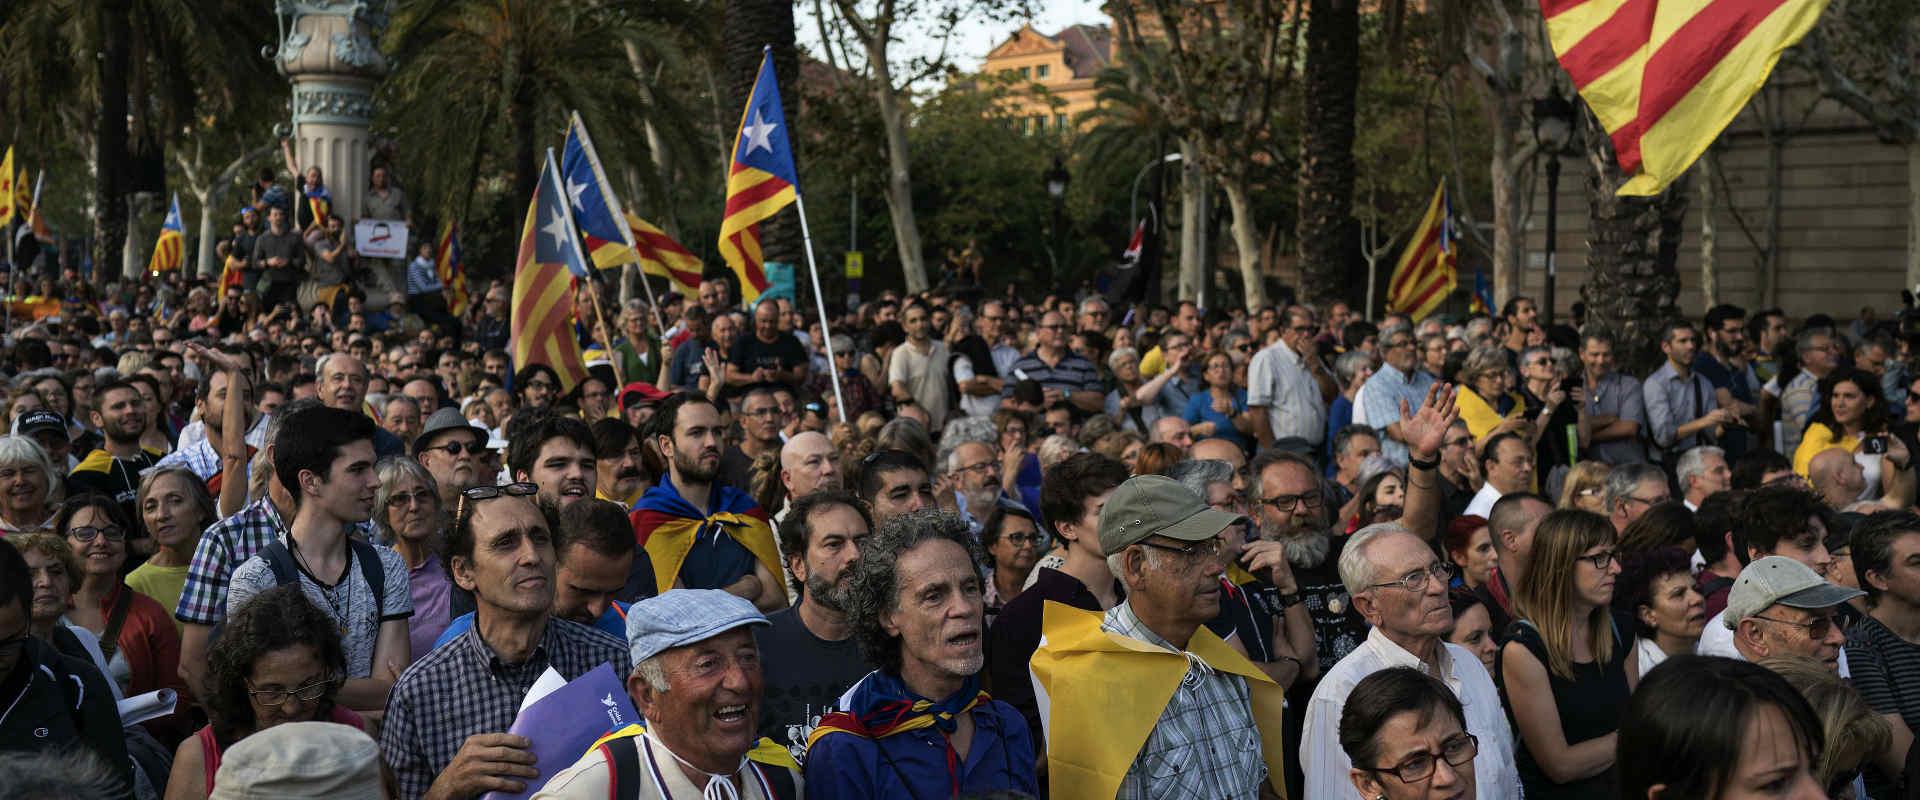 מפגינים נגד הכרזת עצמאות קטלוניה בברצלונה, שלשום